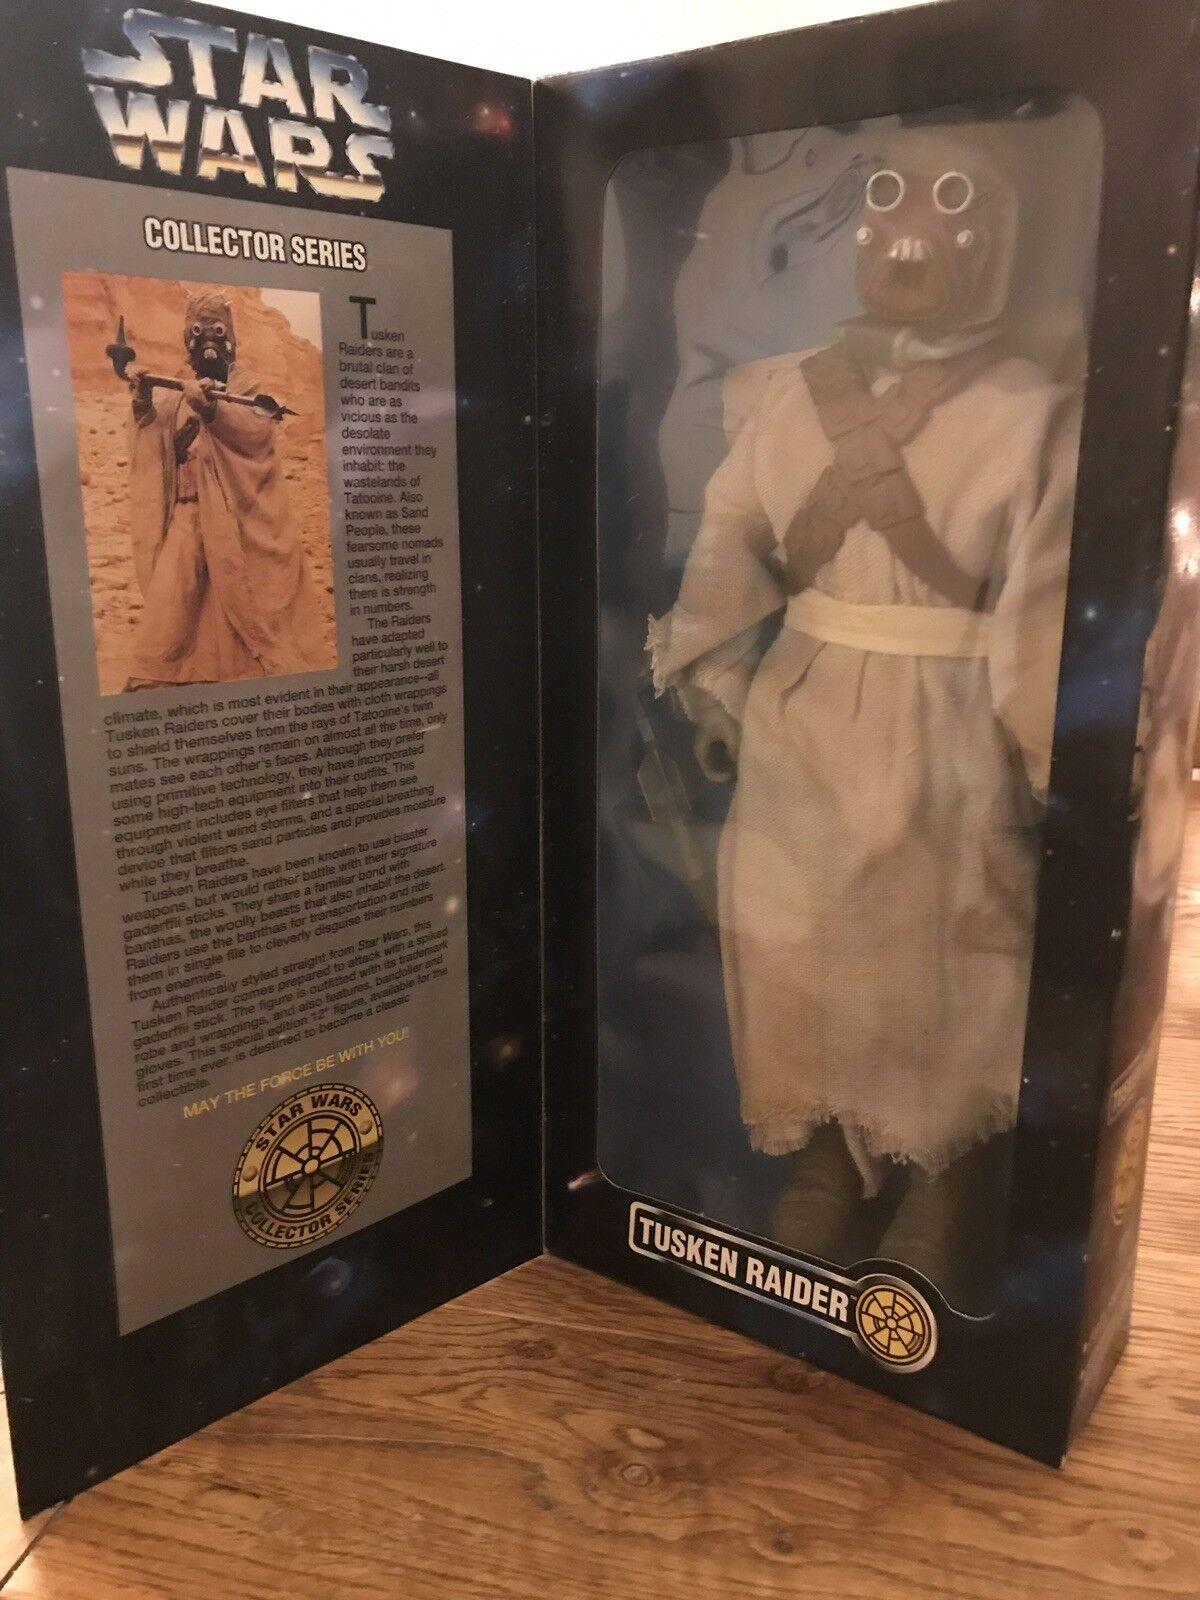 Star wars collectors Edition Tusken Raider